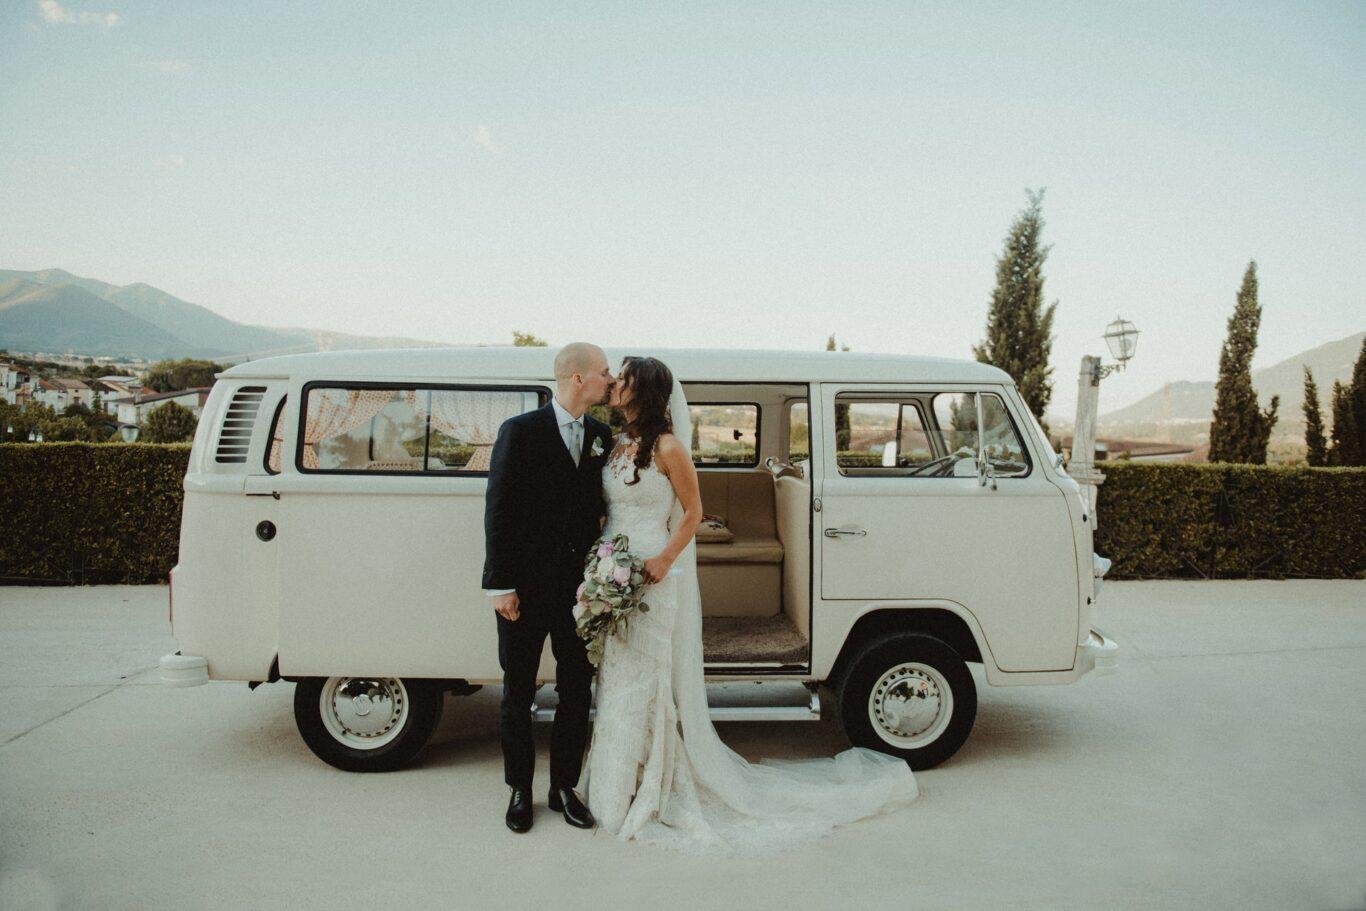 πως θα επιλέξετε φωτογράφο για το γάμο